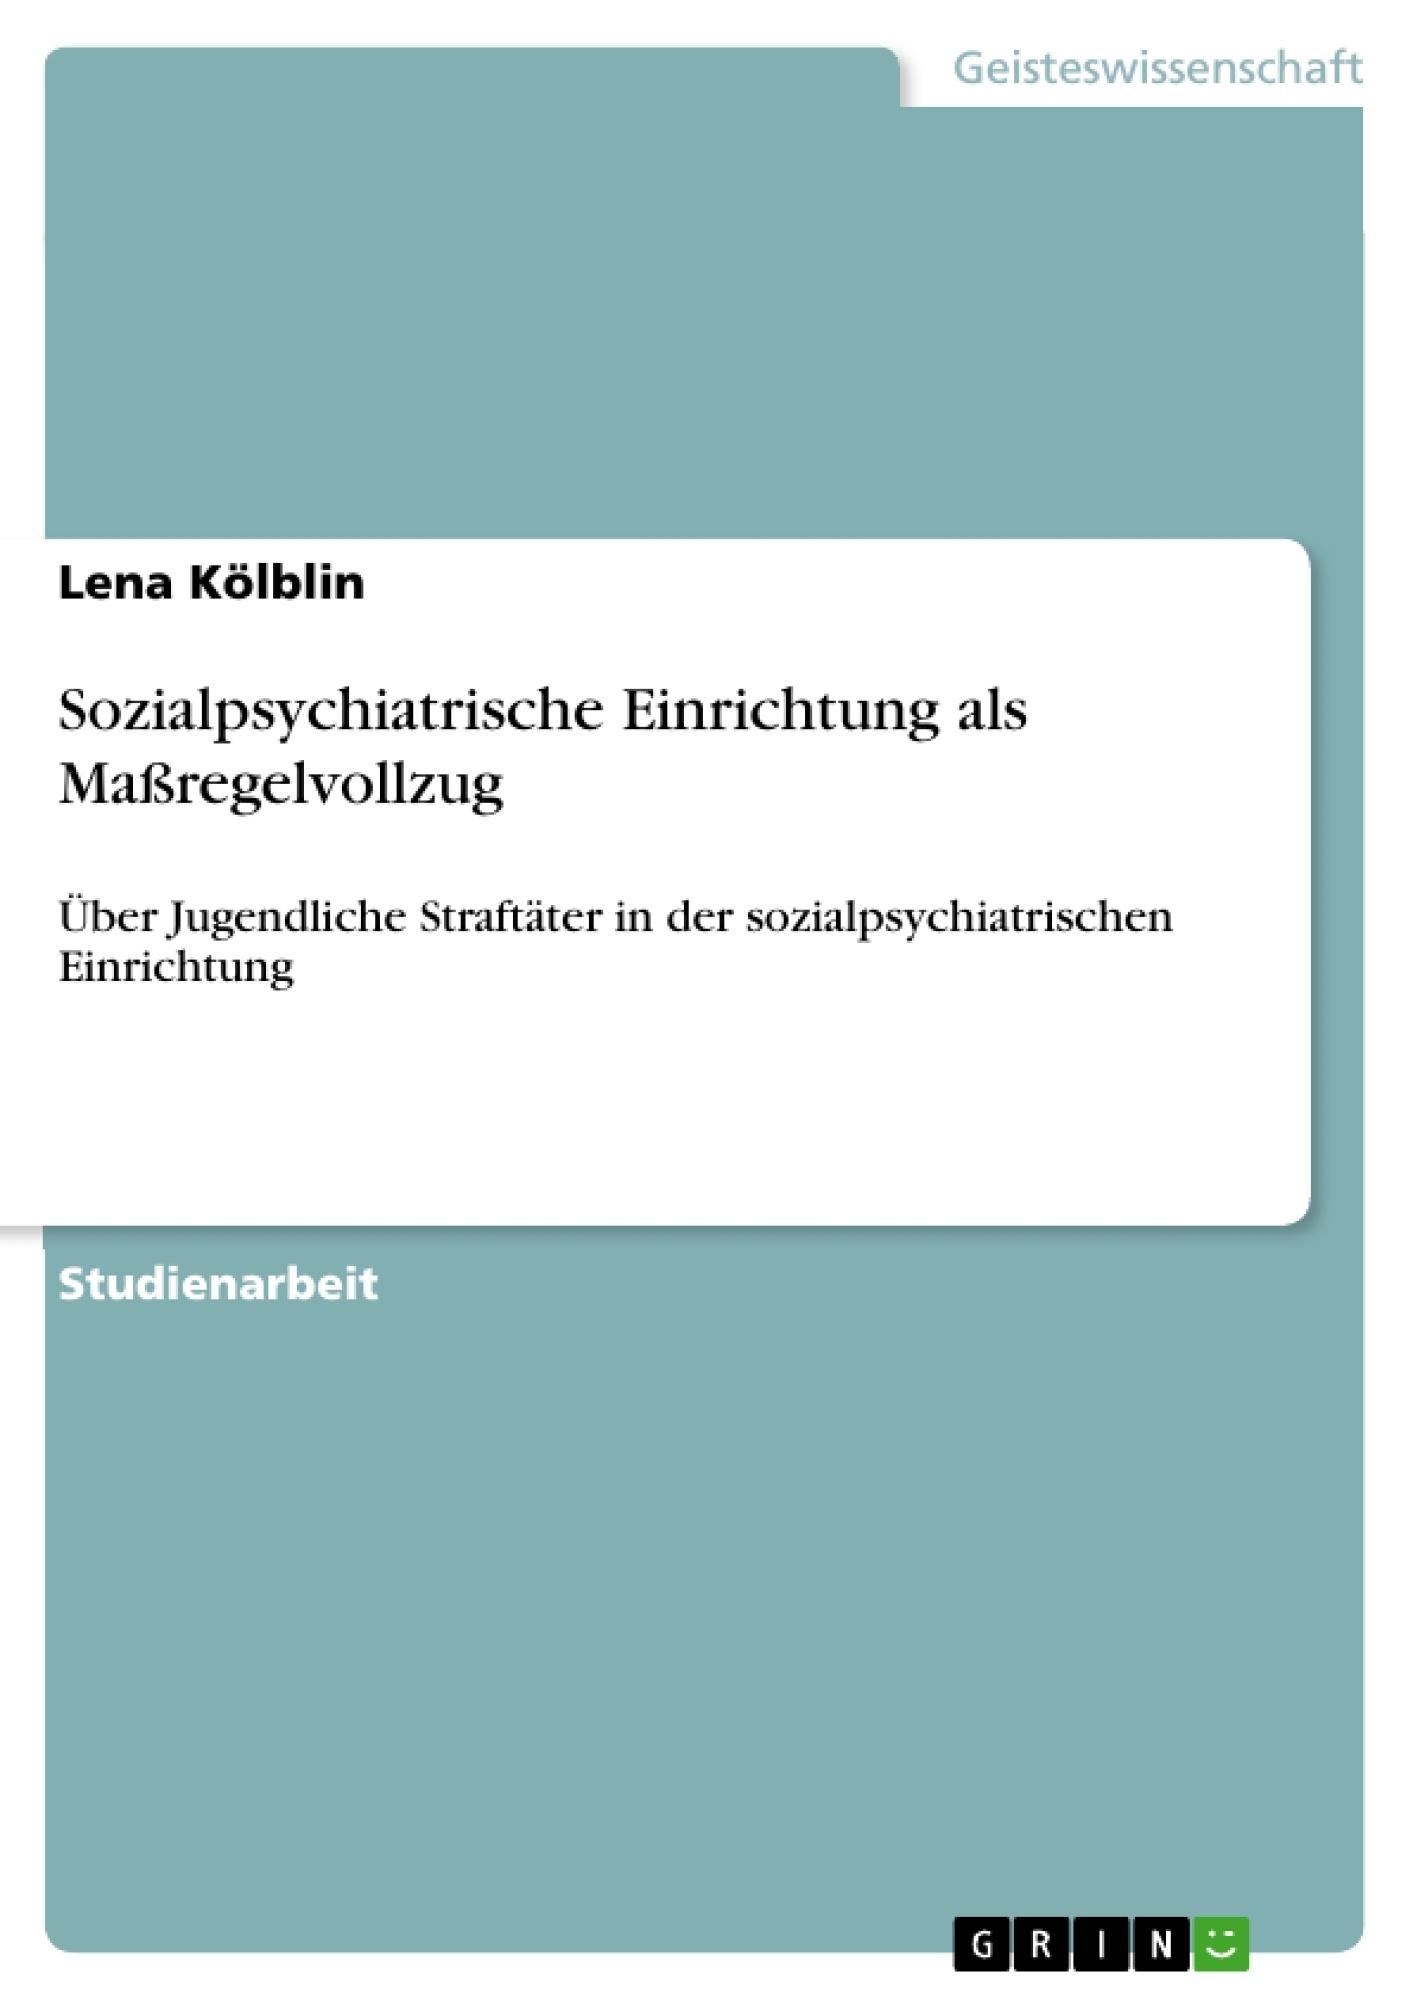 Titel: Sozialpsychiatrische Einrichtung als Maßregelvollzug